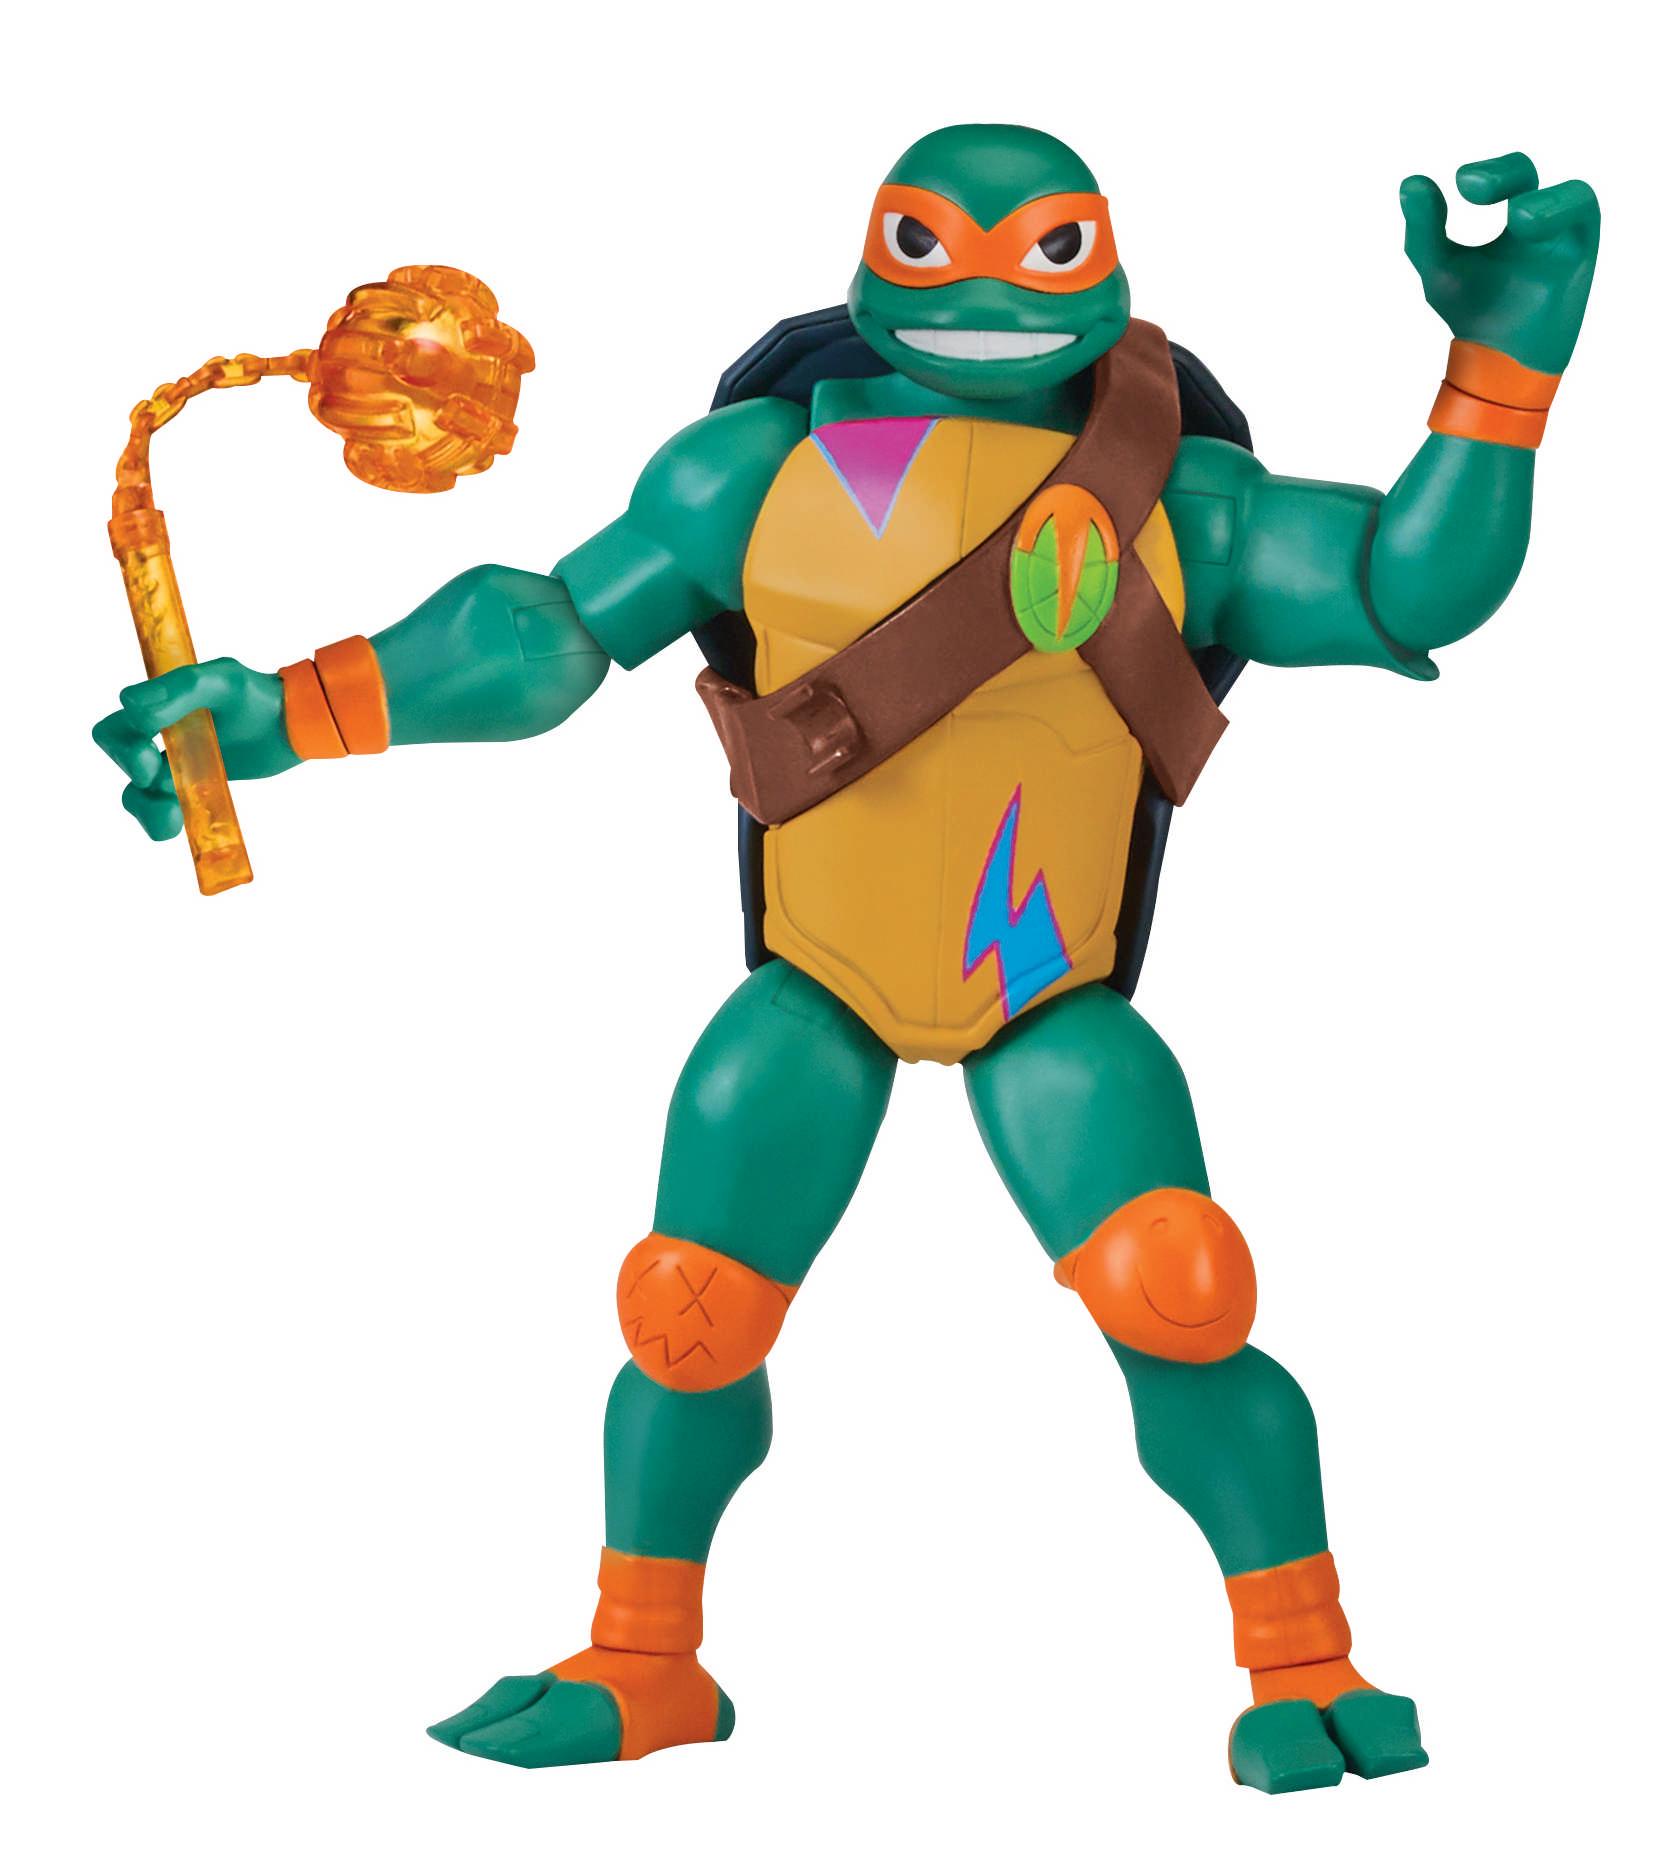 Giant Michelangelo (2018 action figure)